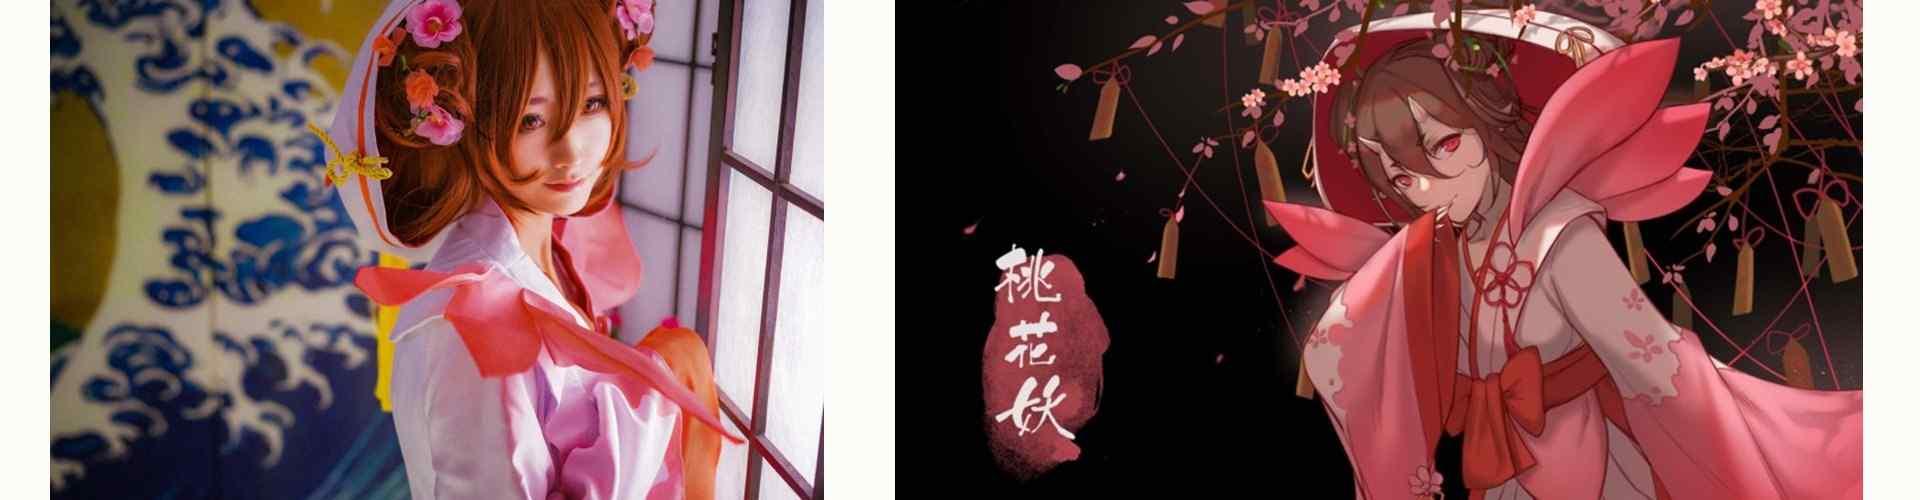 阴阳师桃花妖_桃花妖图片壁纸_SR桃花妖图片_桃花妖cosplay图片_阴阳师游戏壁纸